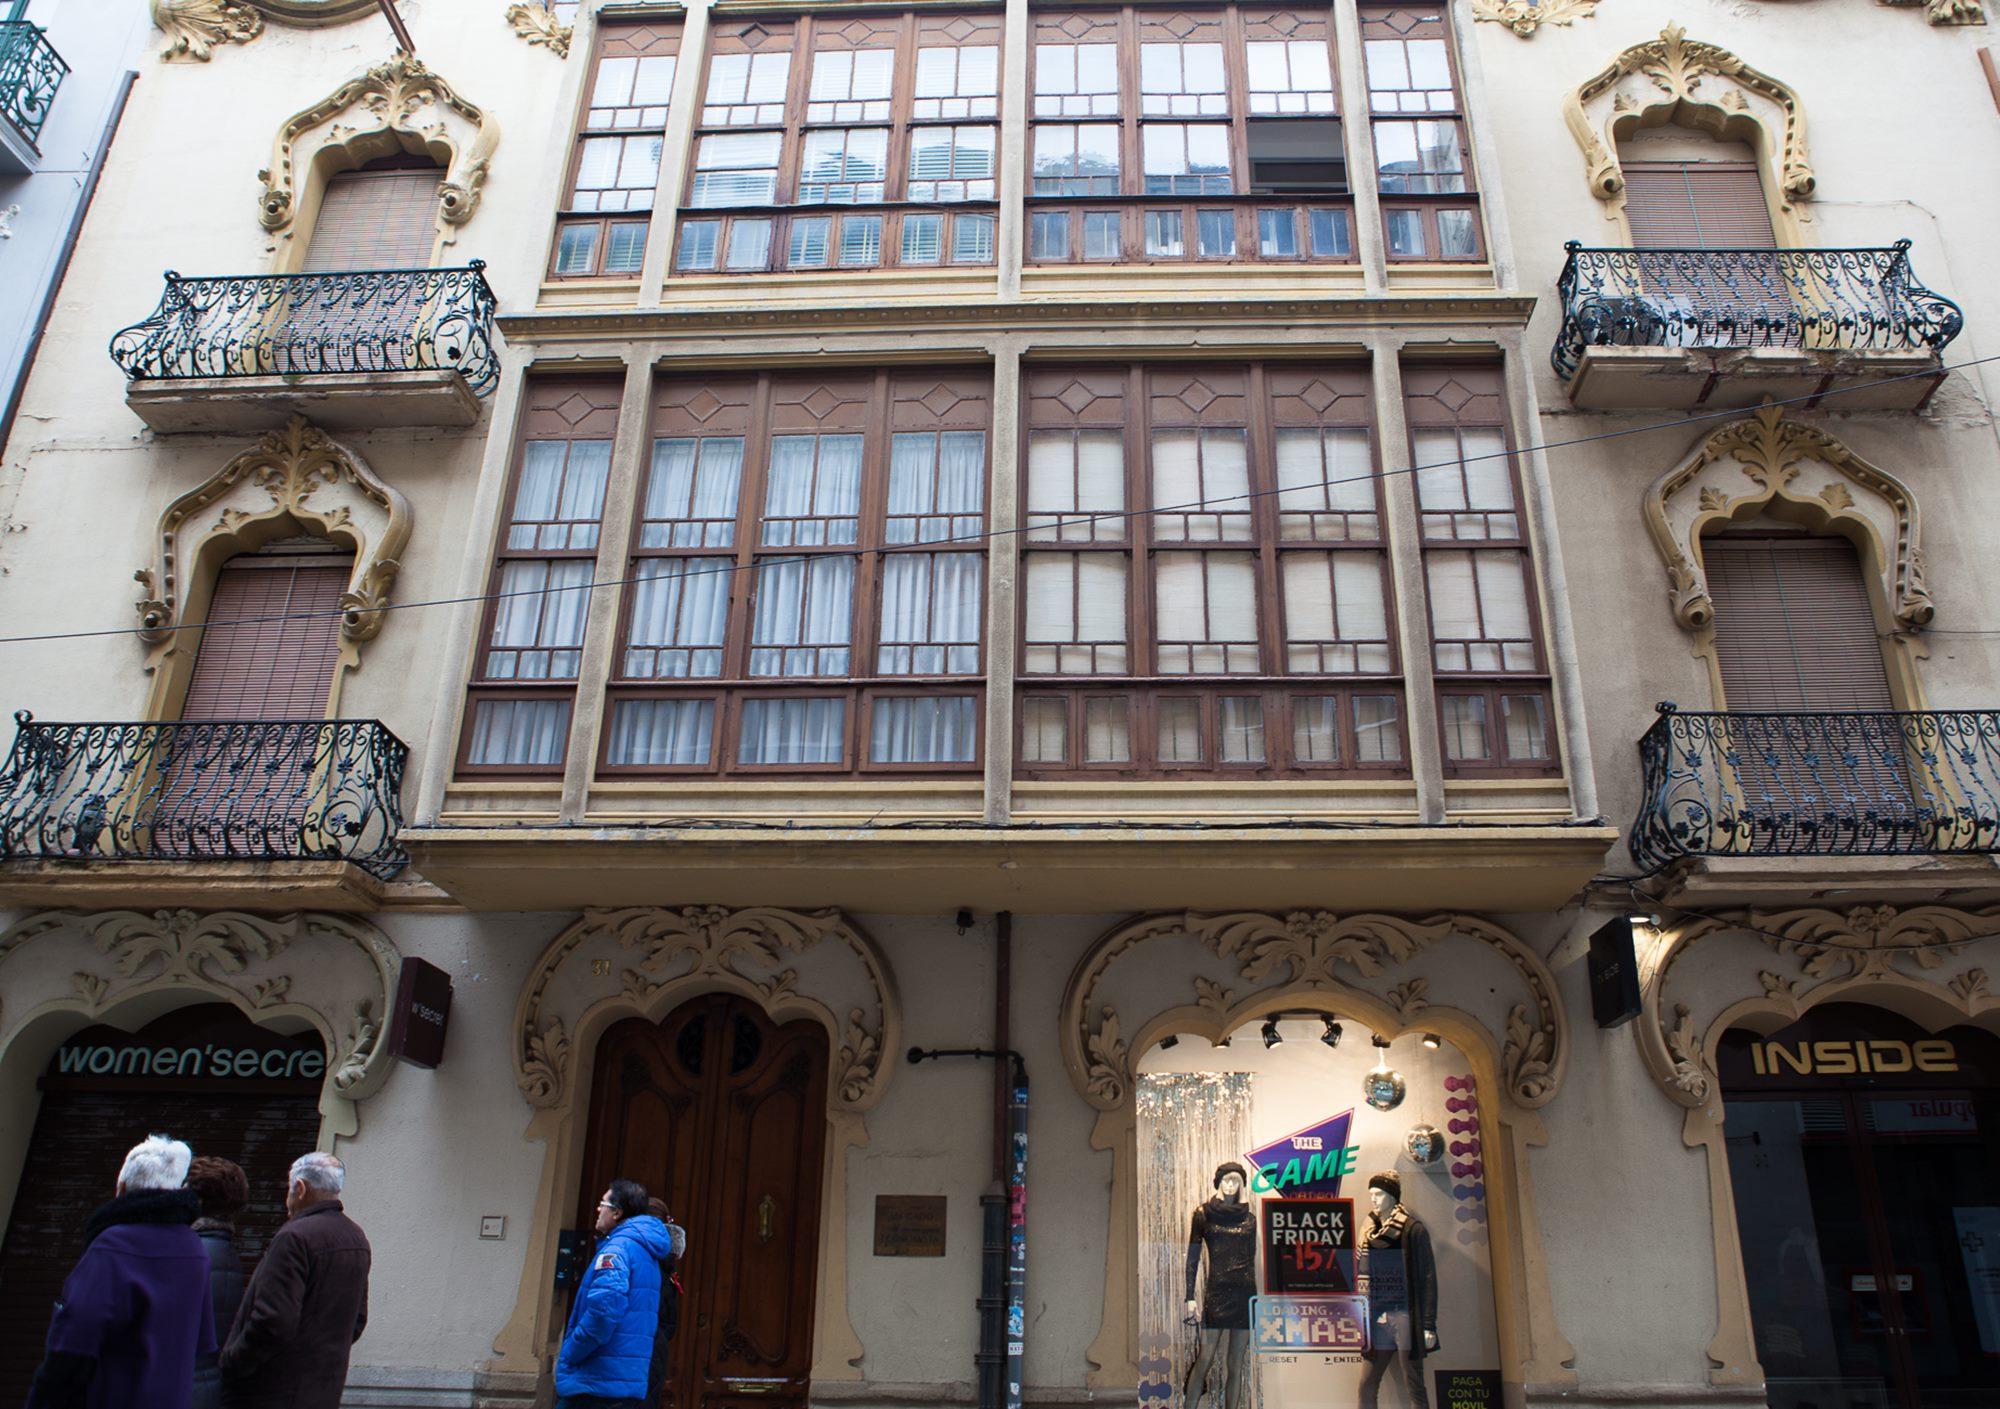 Las tiendas en los bajos de las casas como la de Valentín Matilla, contrastan con el diseño modernista de sus fachadas.